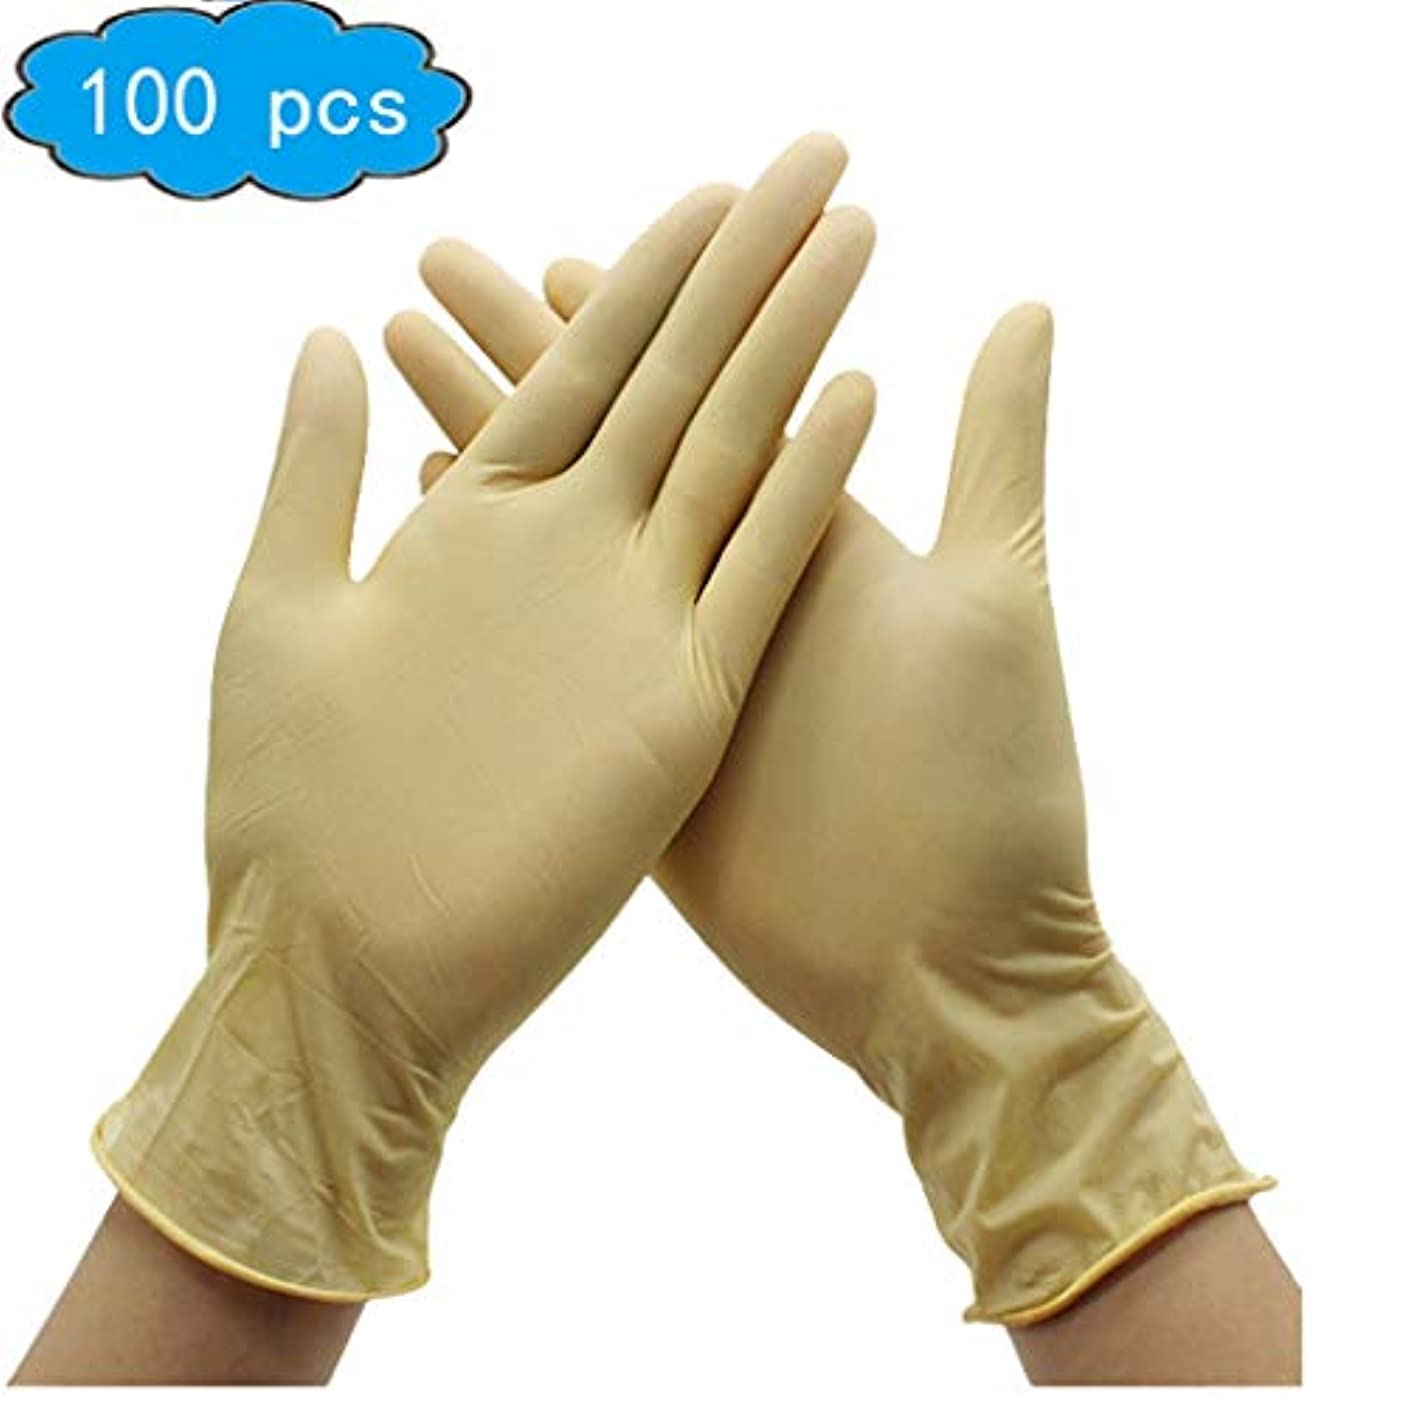 品ペチコート衛星ラテックス手袋、試験/食品グレードの安全製品、使い捨て手袋および手袋Dispensers 100psc、衛生手袋、健康、家庭用ベビーケア (Color : Beige, Size : L)